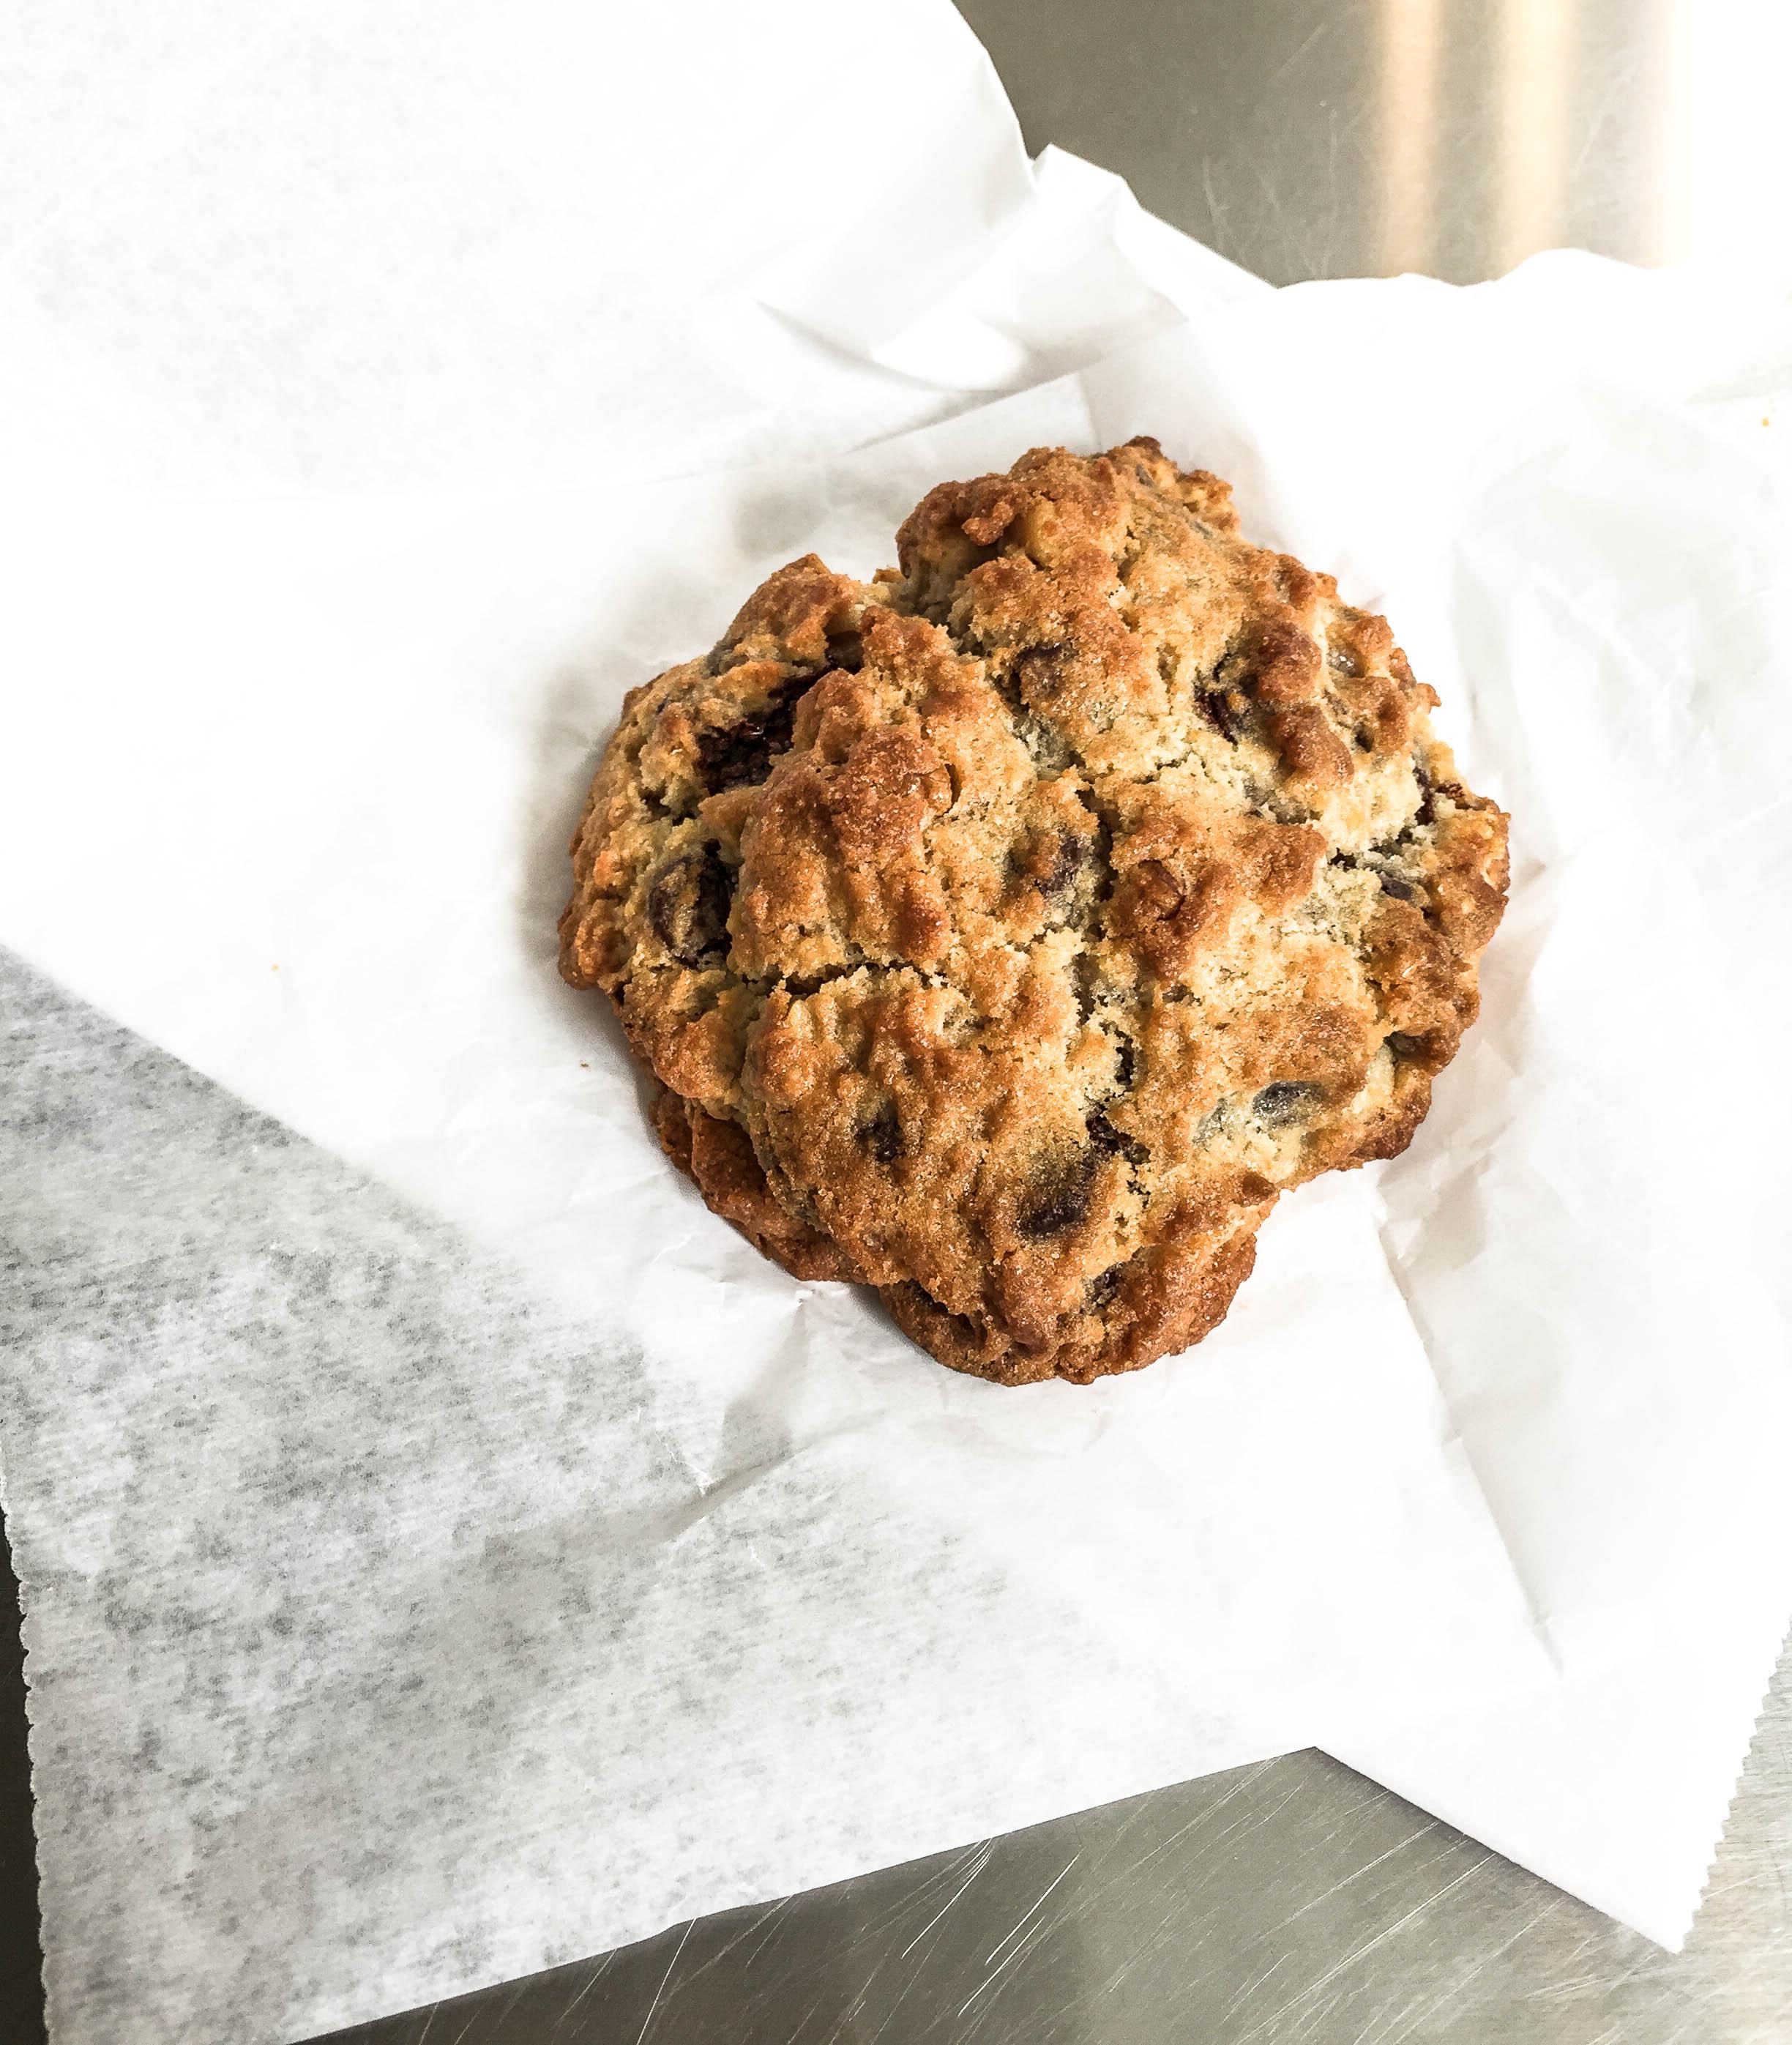 ROSE & IVY Journal A Taste of New York Levain Bakery